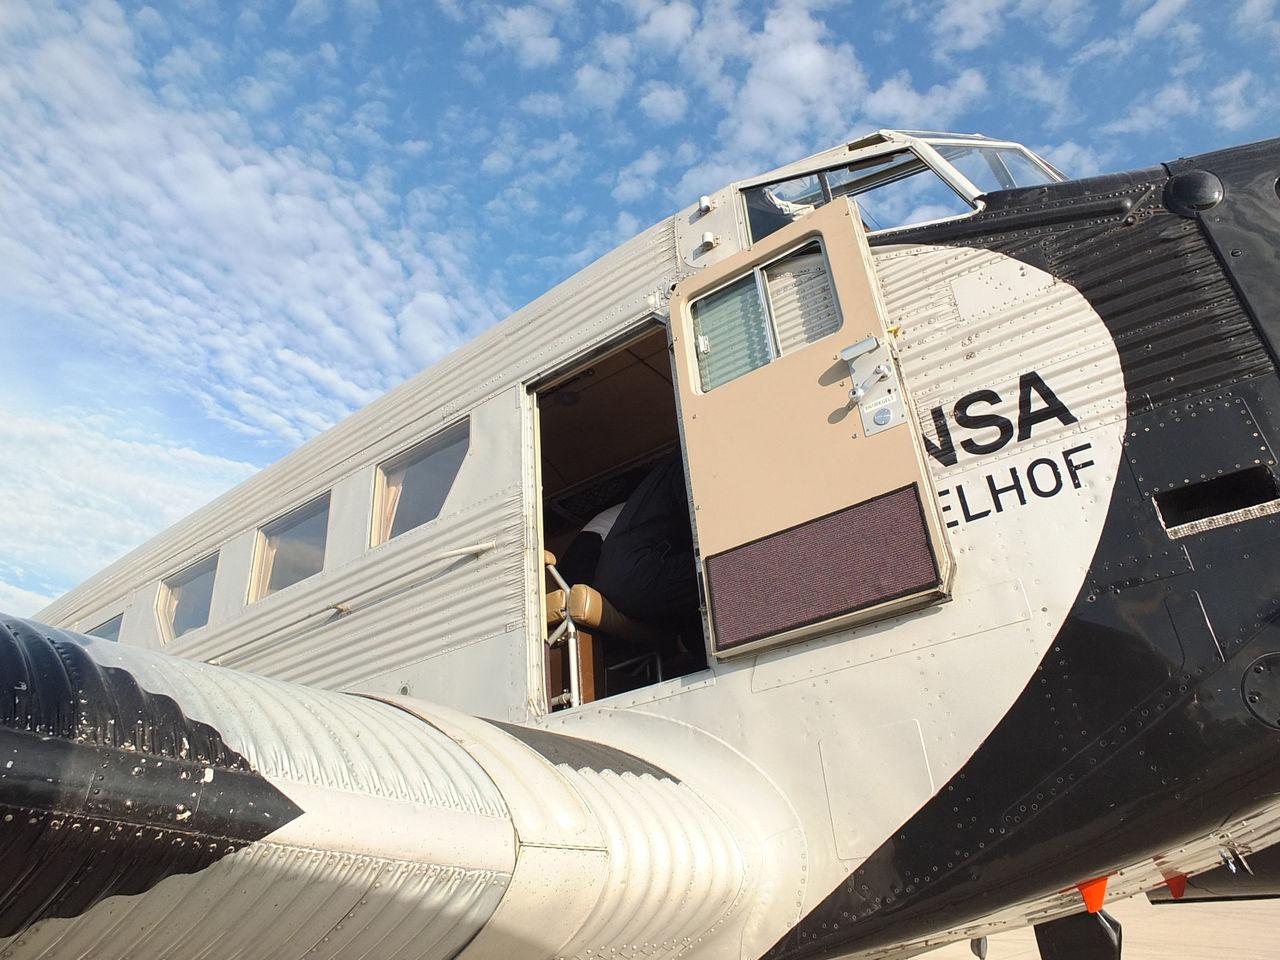 Дверь самолета Юнкерс Ю-52 авиакомпании Люфтганза